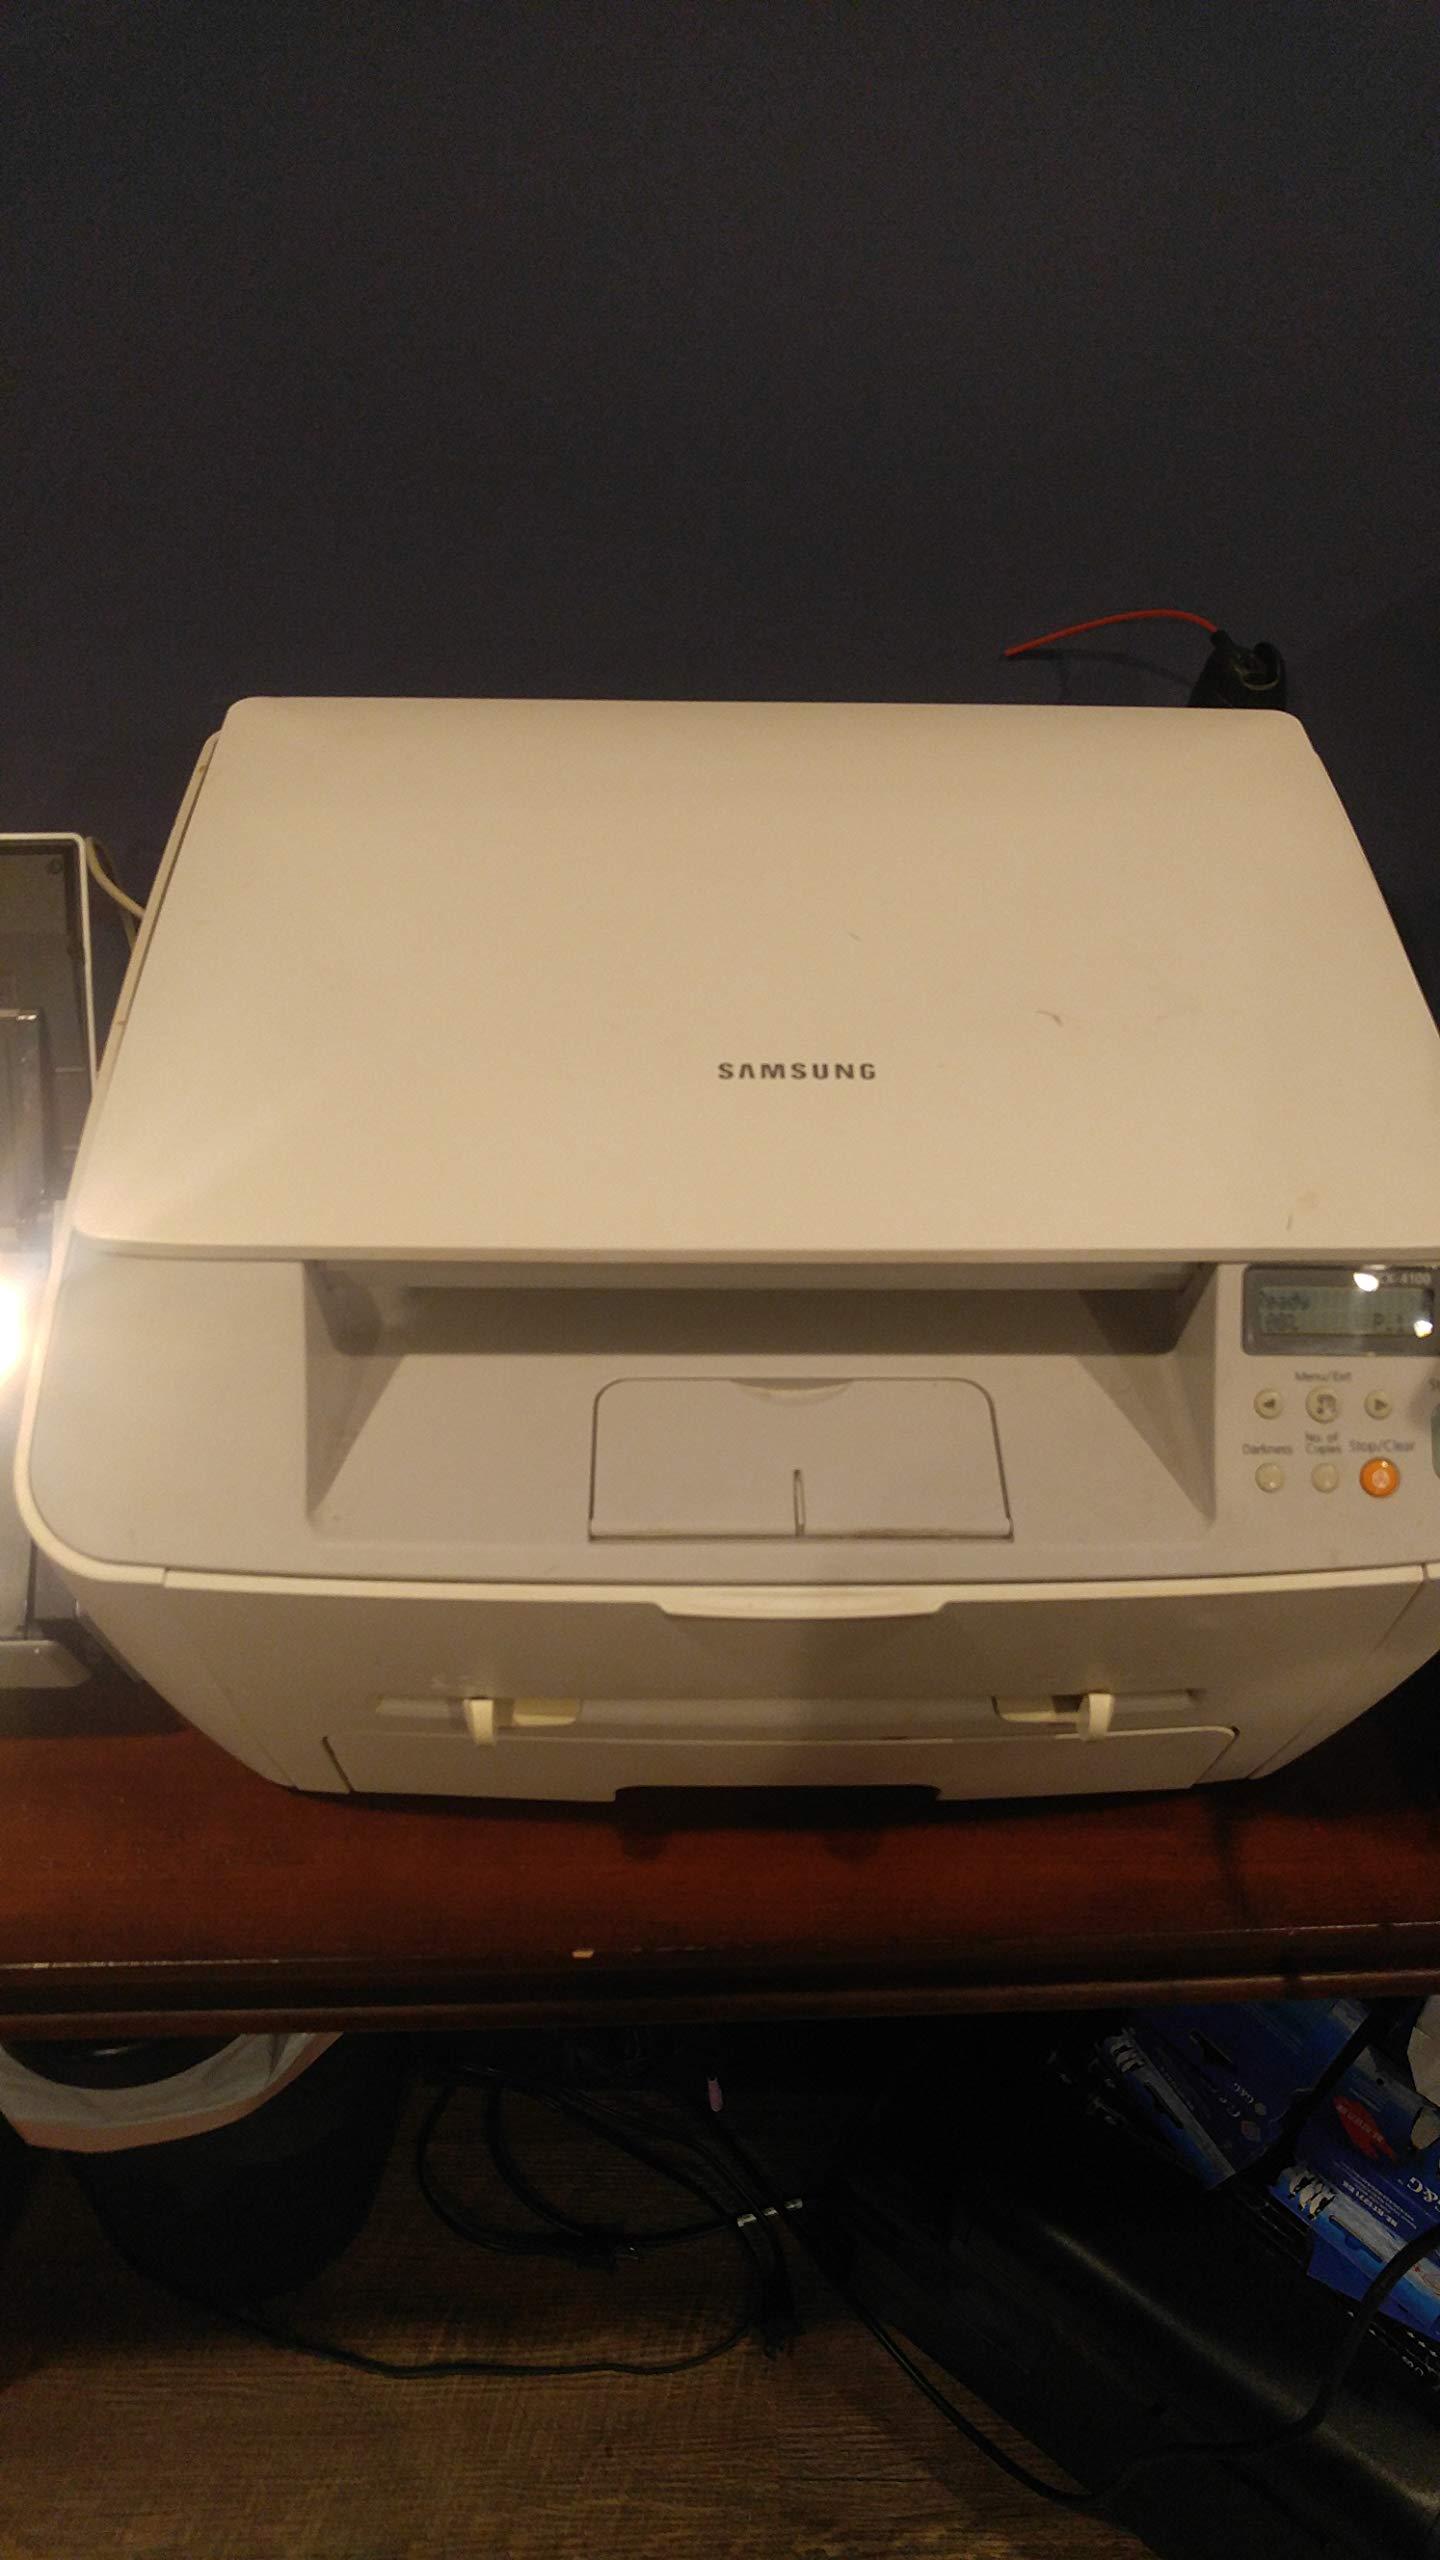 New Black SCX-4100 High Yiled Toner Cartridge for Samsung SCX4100 Laser Printer